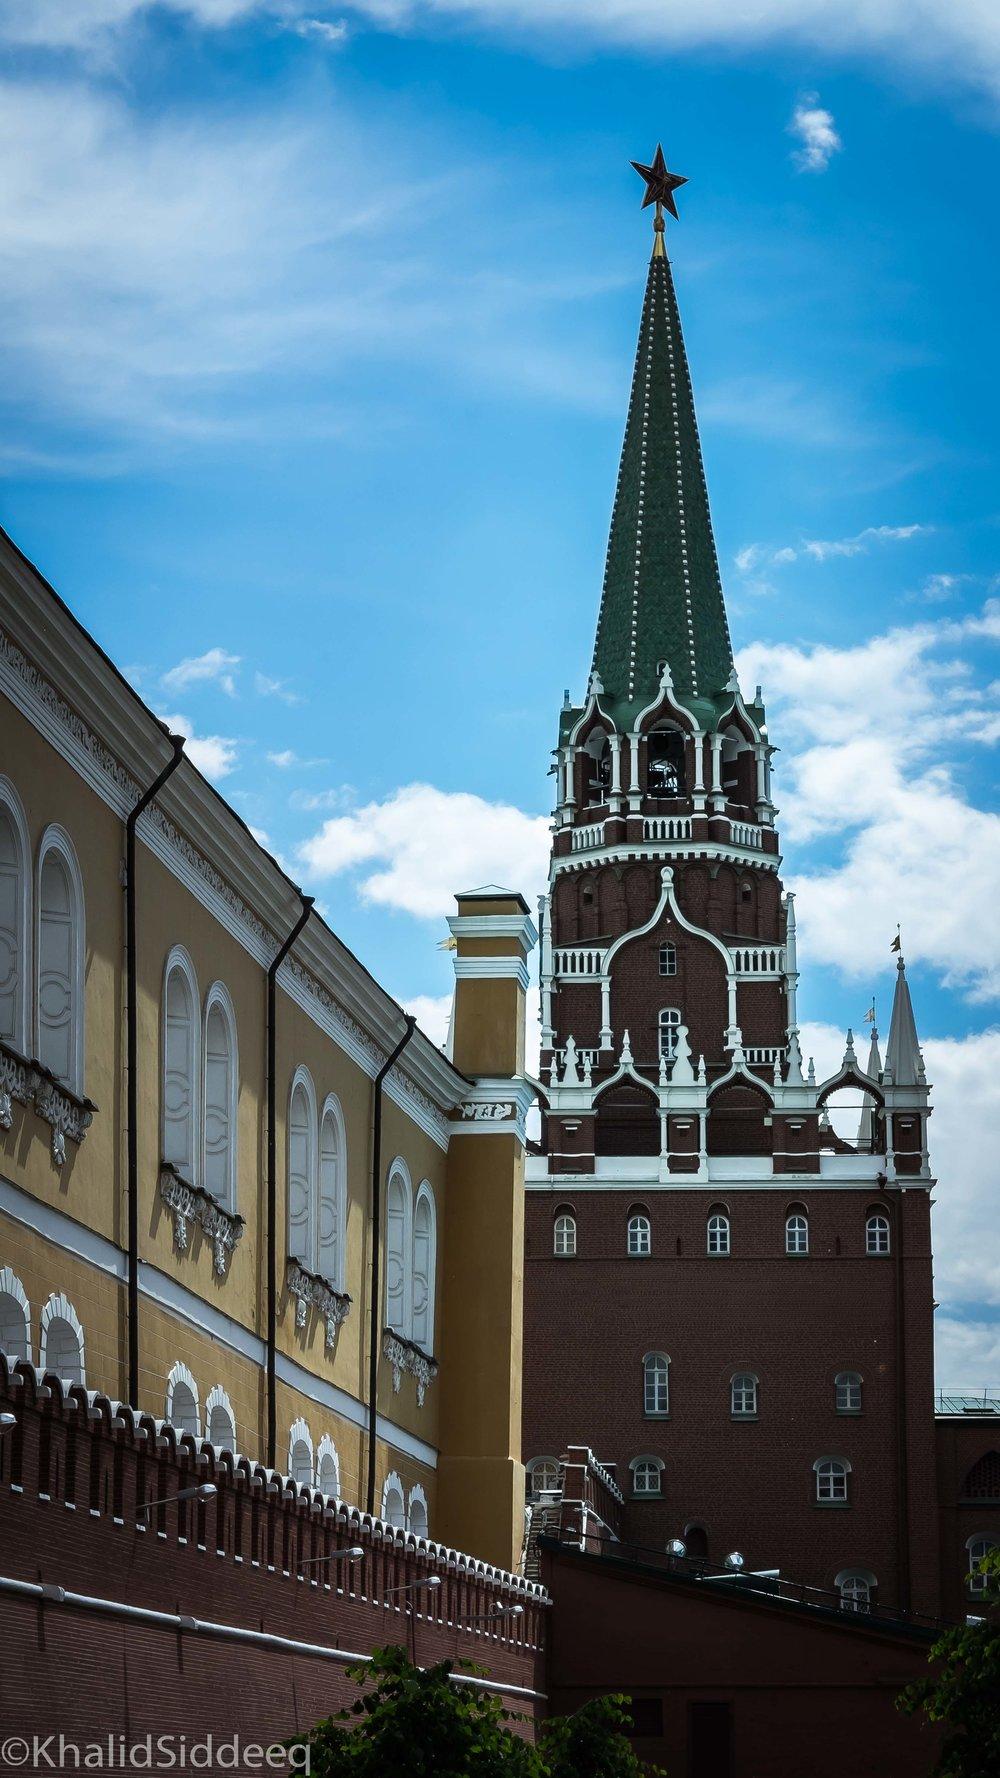 برج كتفيا، بريدموستنايا، موسكو